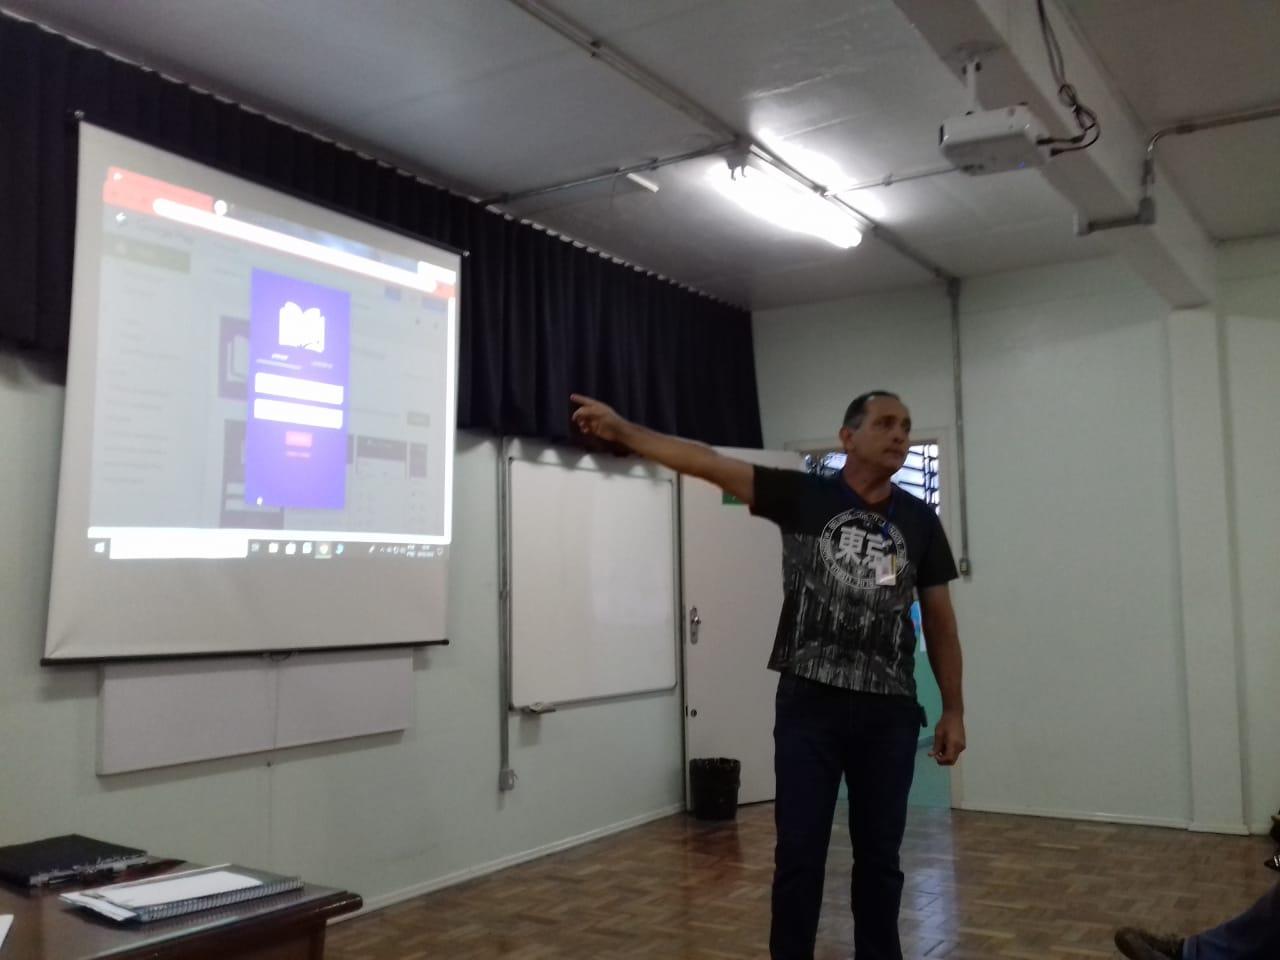 Pedagógico 06 CRE - Santa Cruz do Sul / RS: App ISE ESCOLA 2019